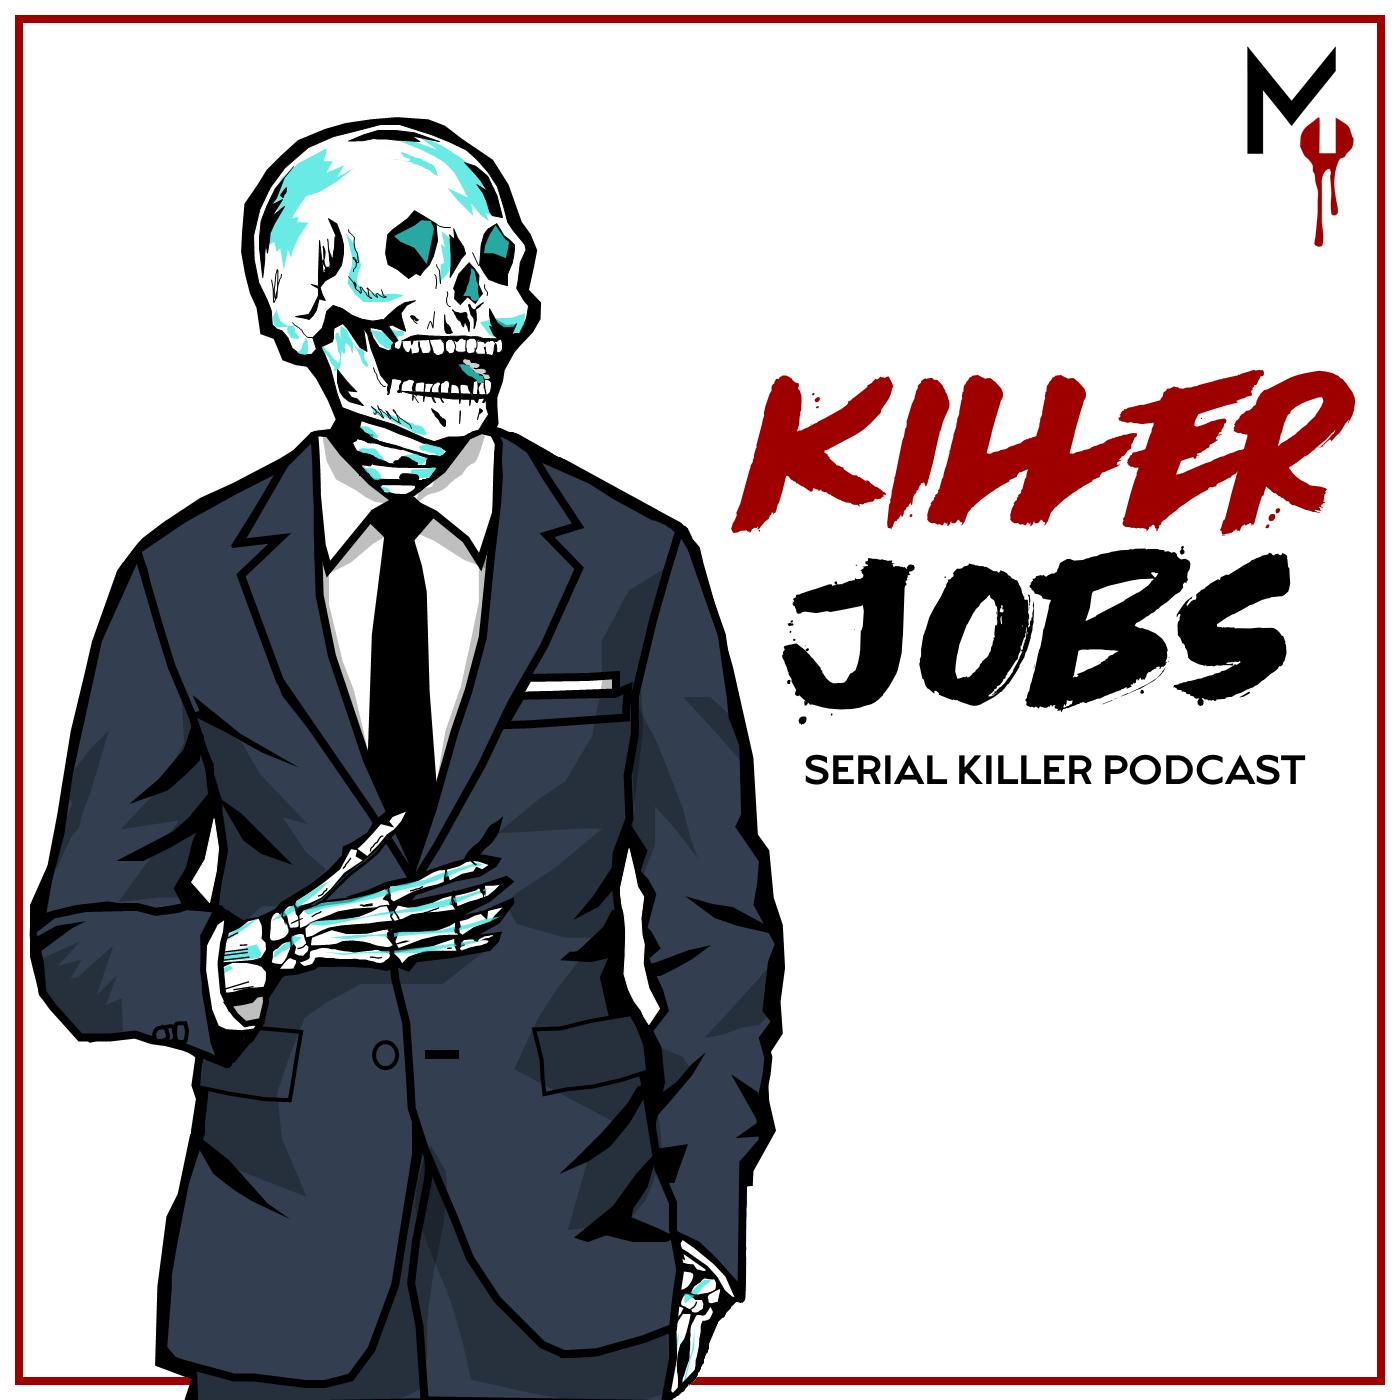 Episode 24: JOEL RIFKIN - JOEL THE RIPPER